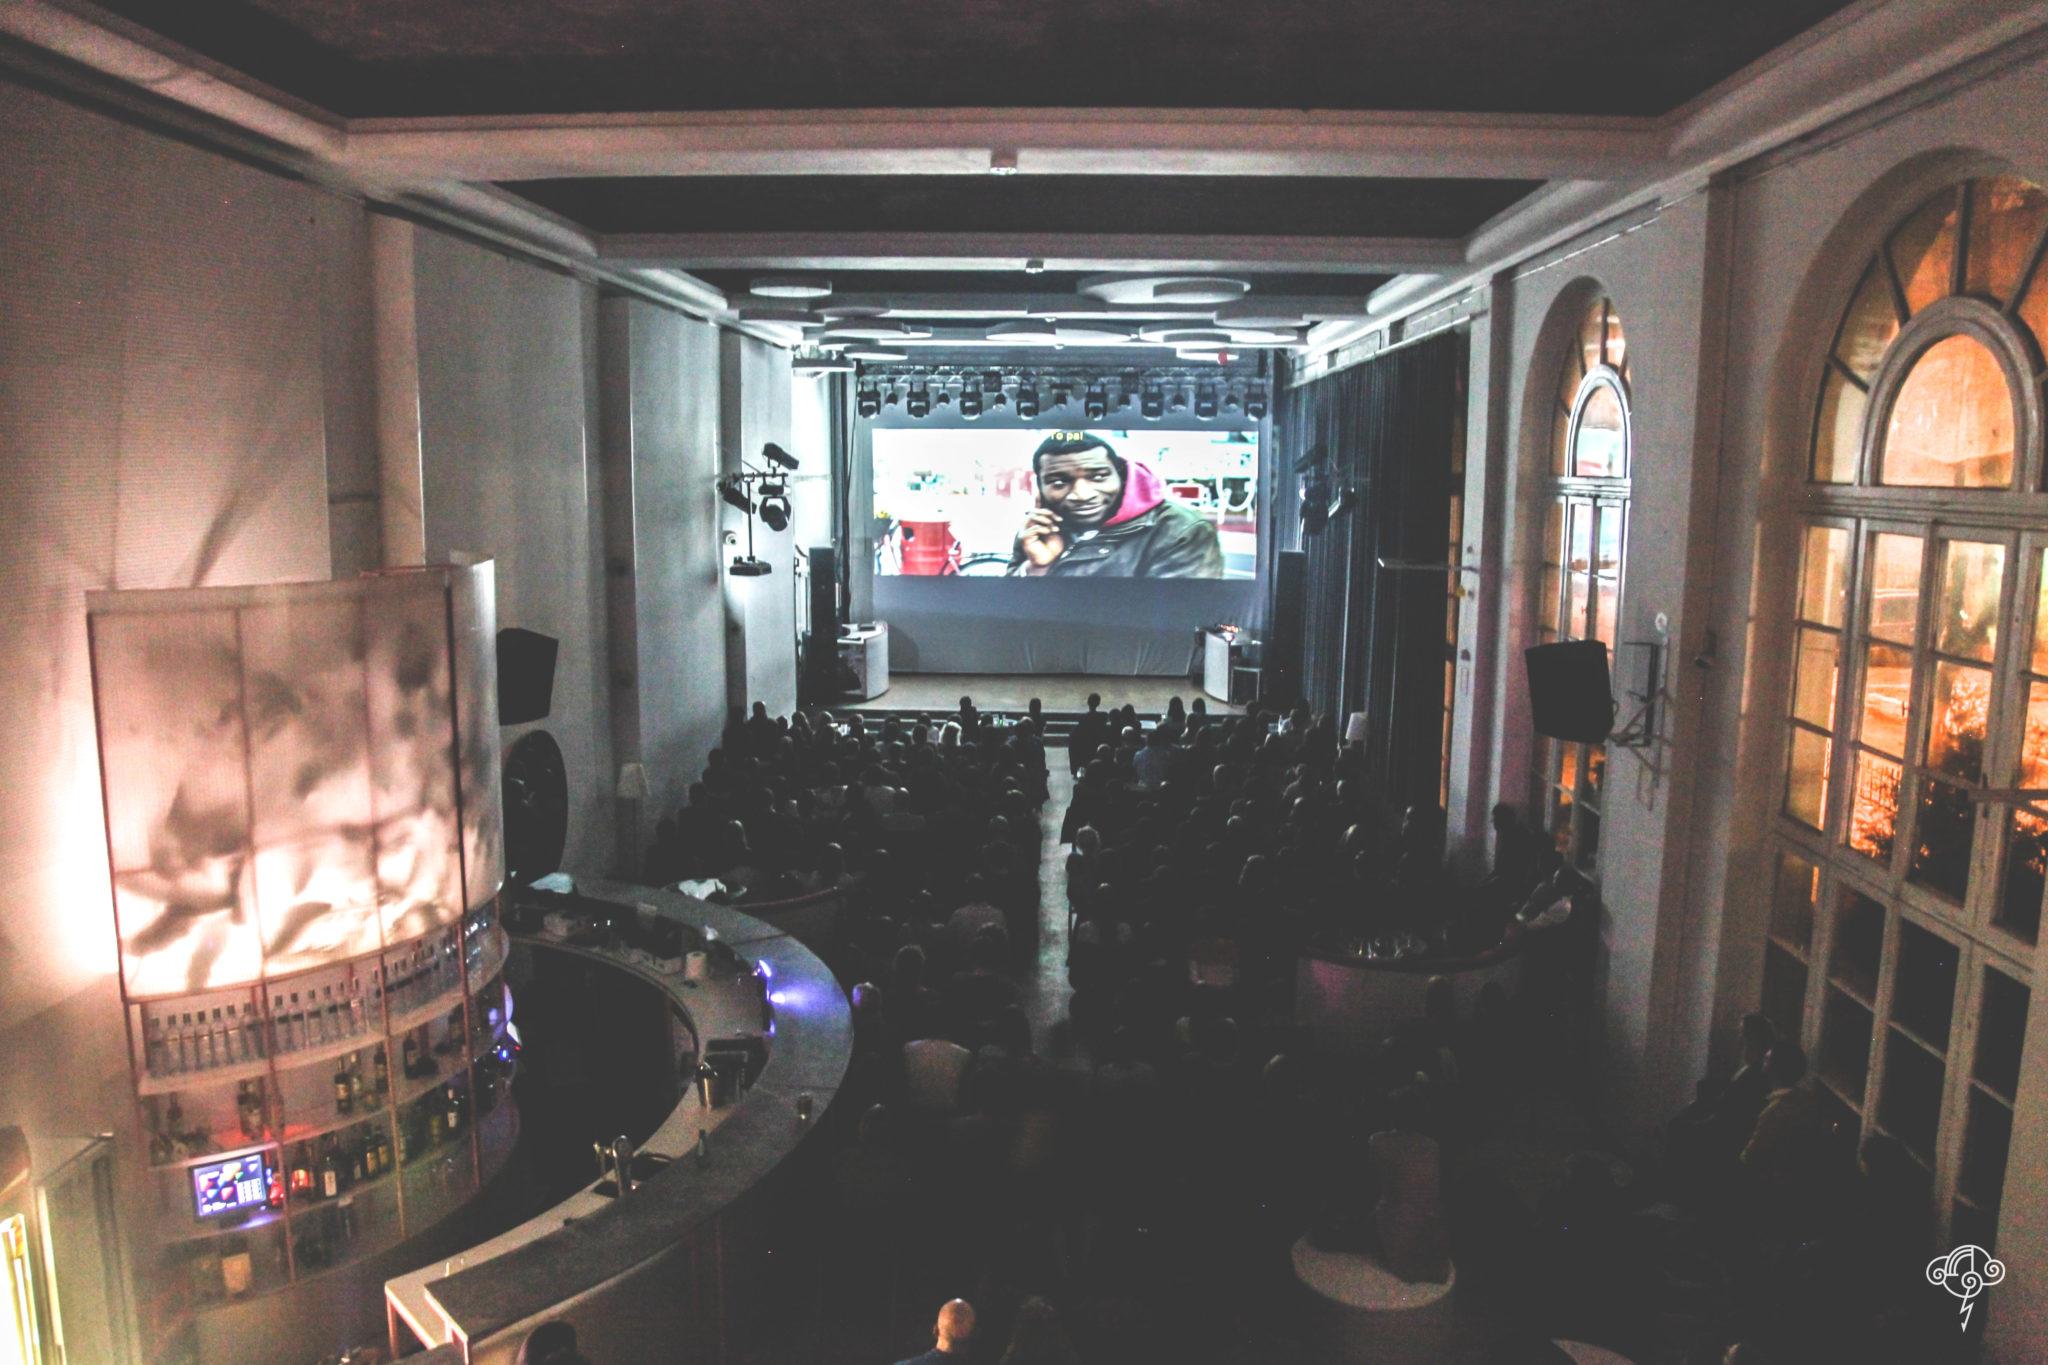 Duża sala z ekranem na którym wyświetlany jest film